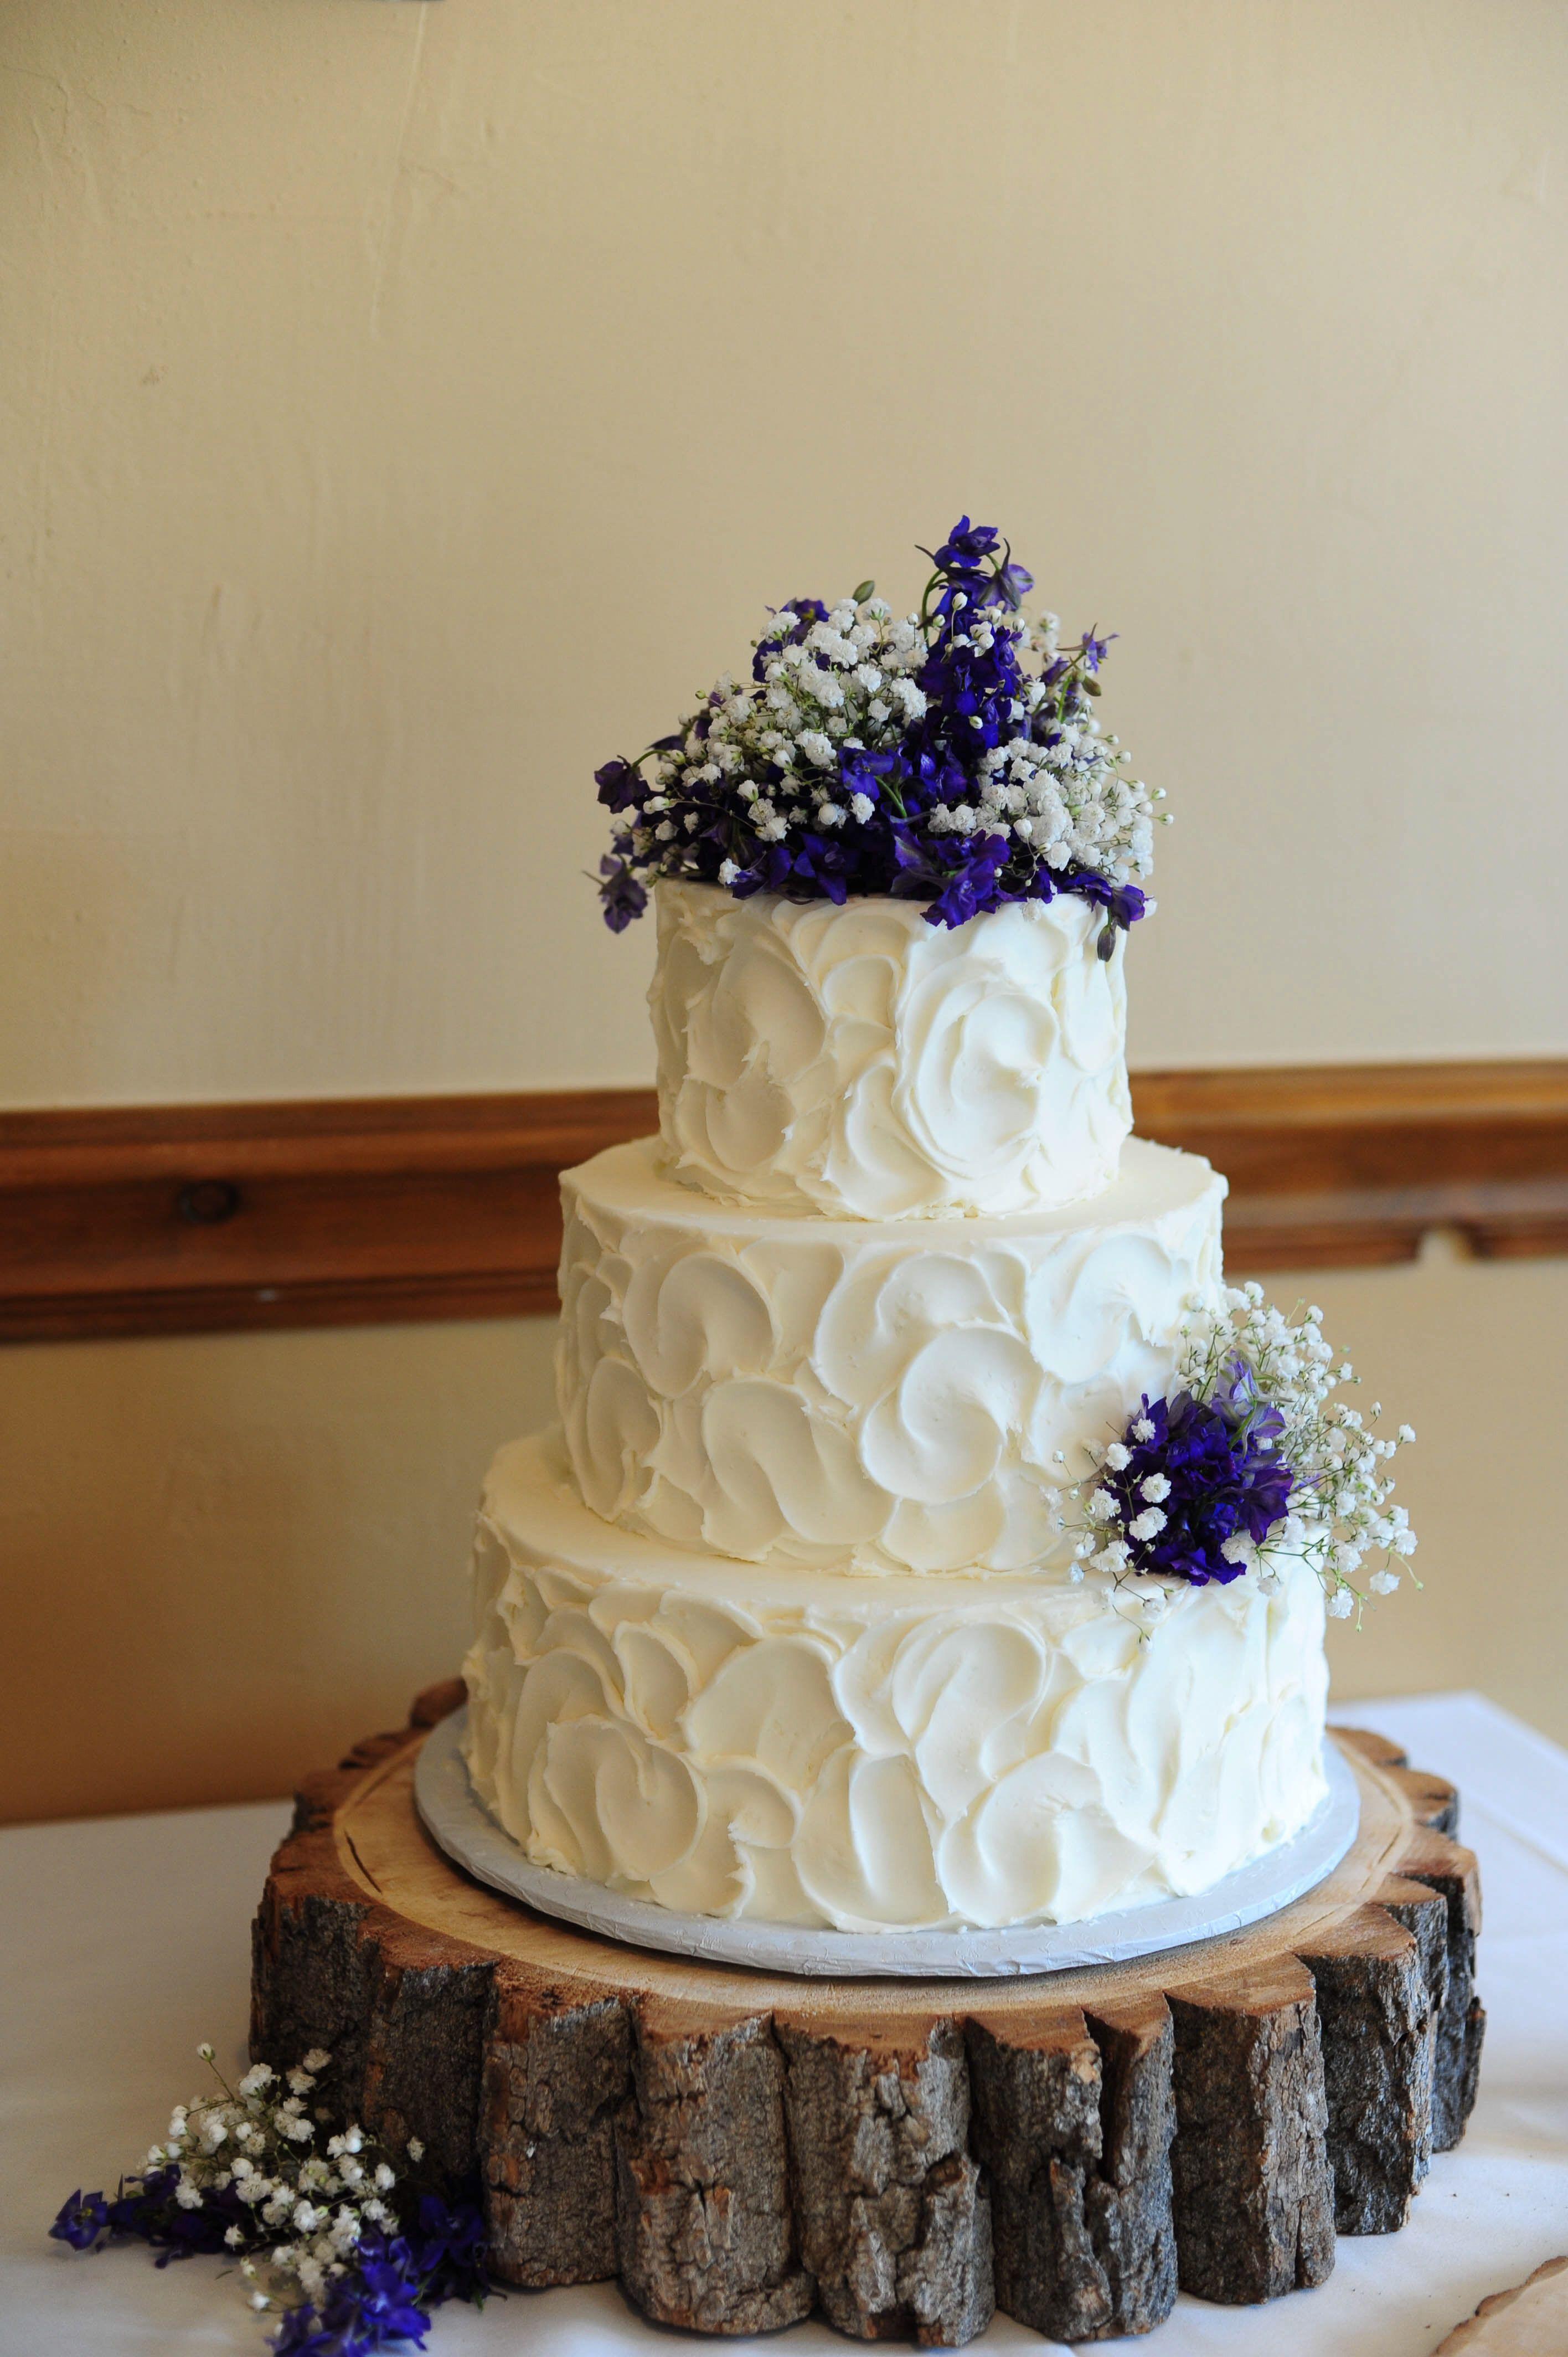 Non fondant cake | cakes | Pinterest | Fondant cakes, Cake and ...